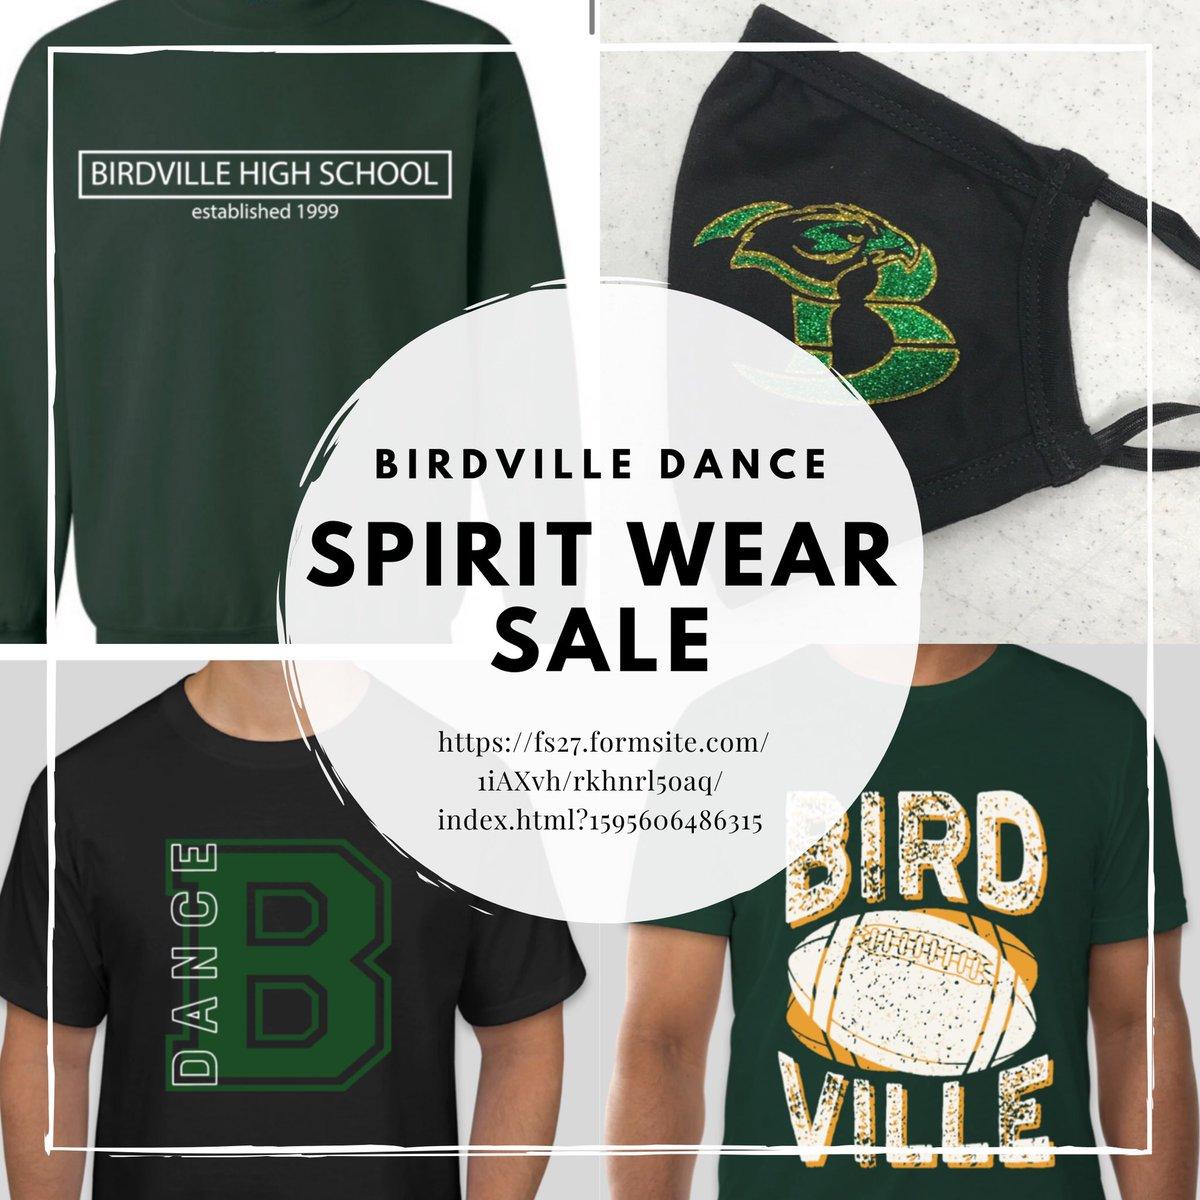 Birdville Dance Birdvilledance Twitter